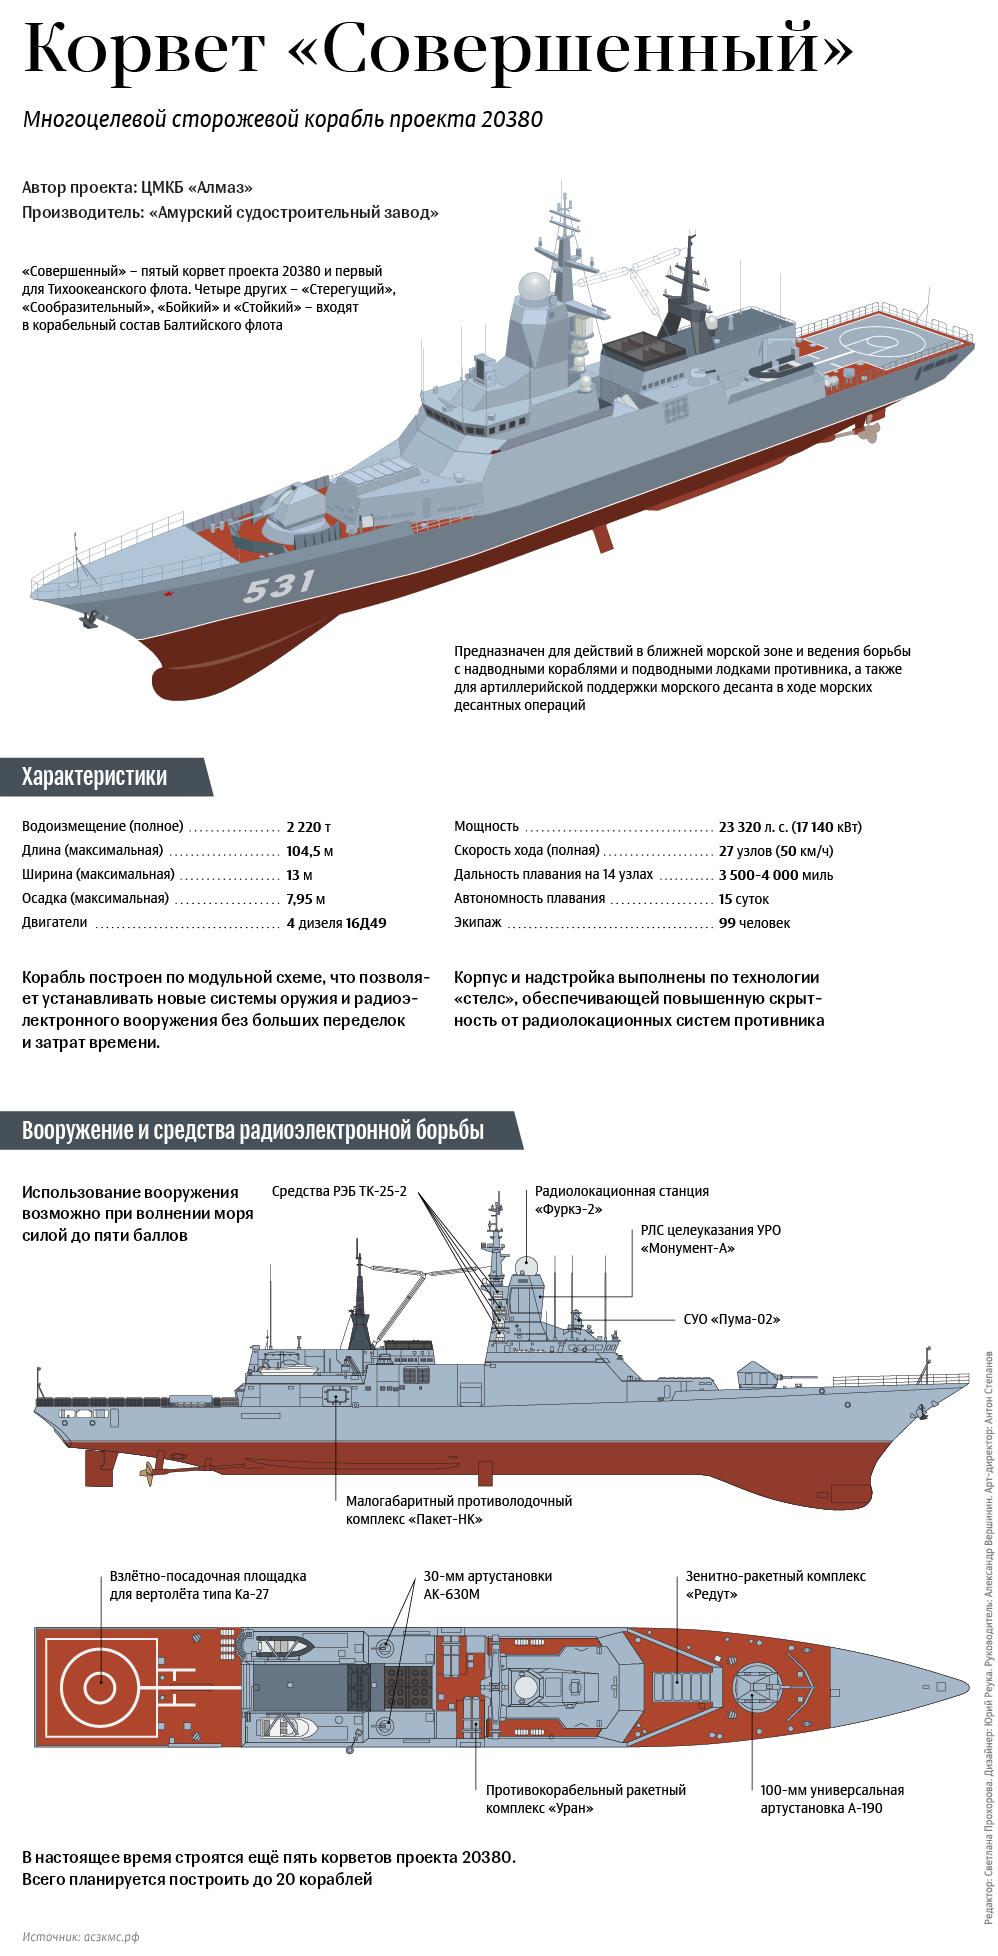 Многоцелевой сторожевой корабль проекта 20380